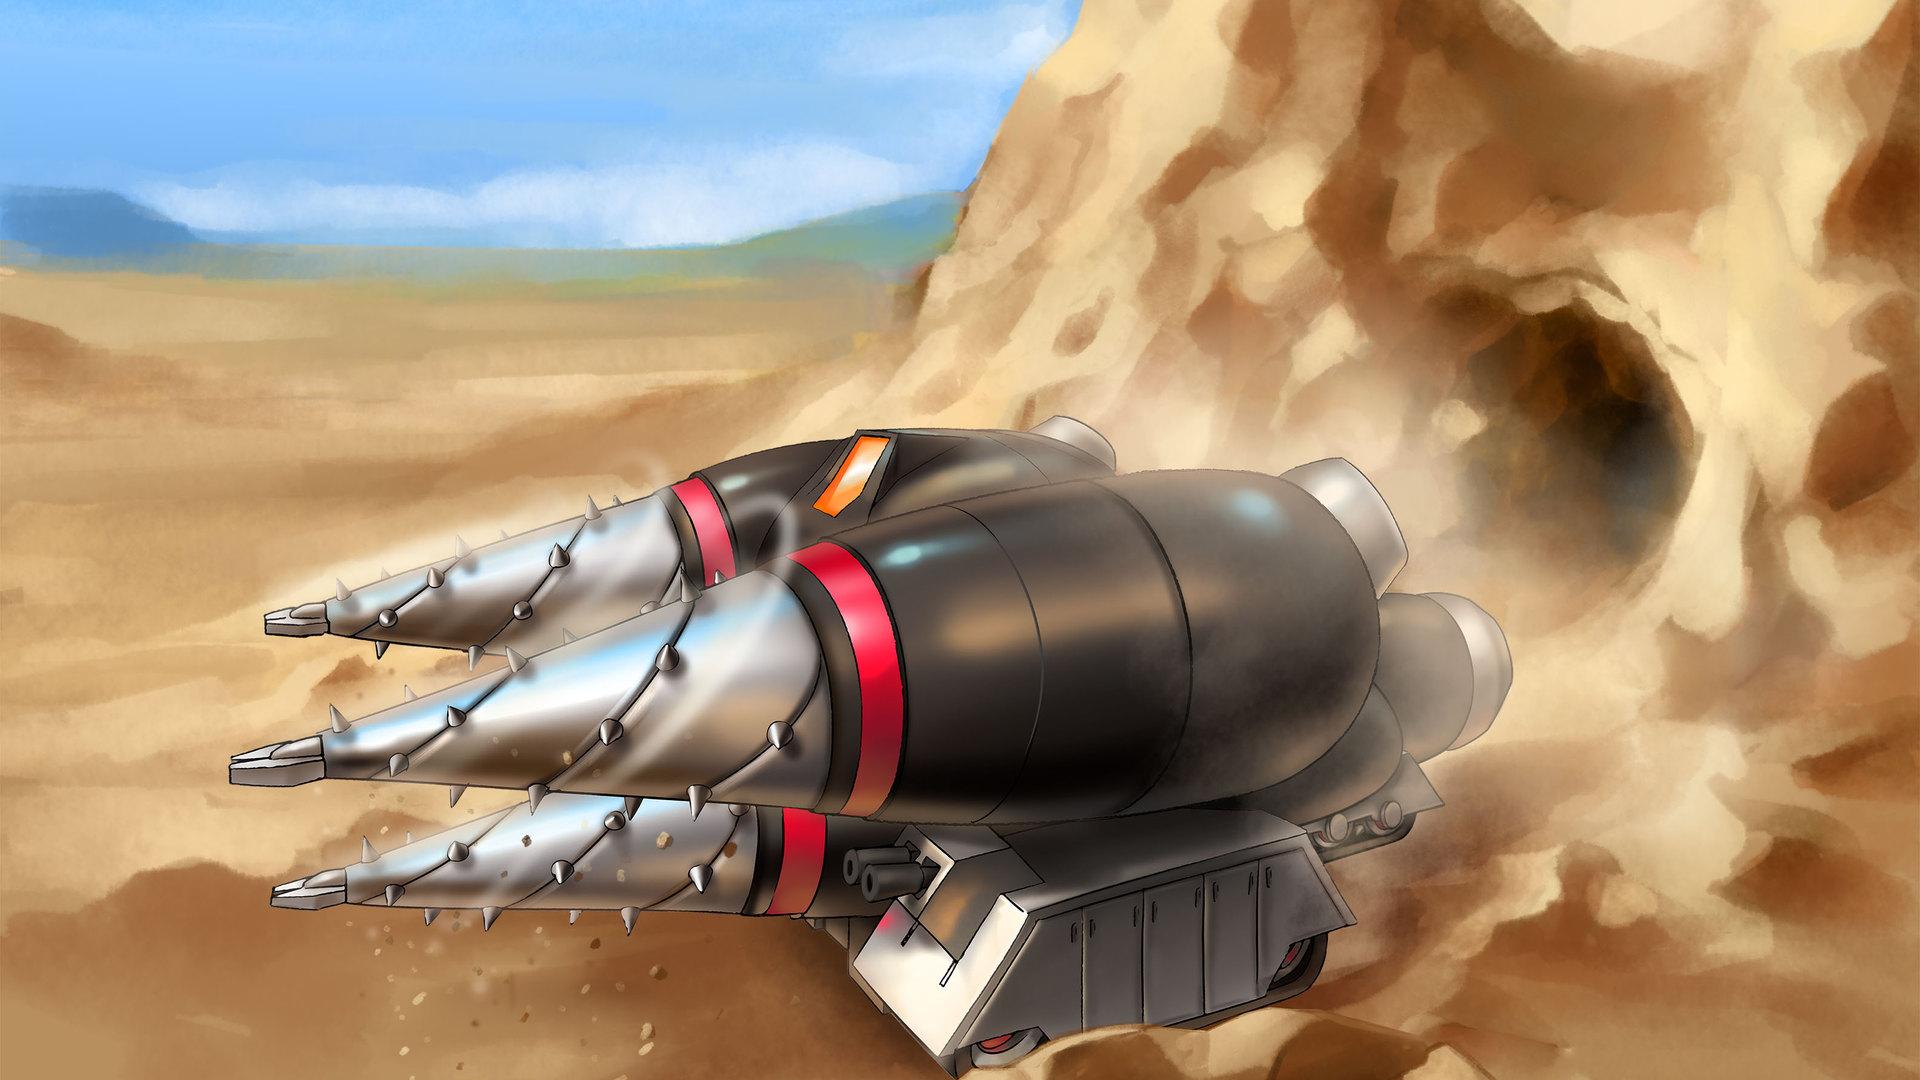 Time Lapse Magma Mole